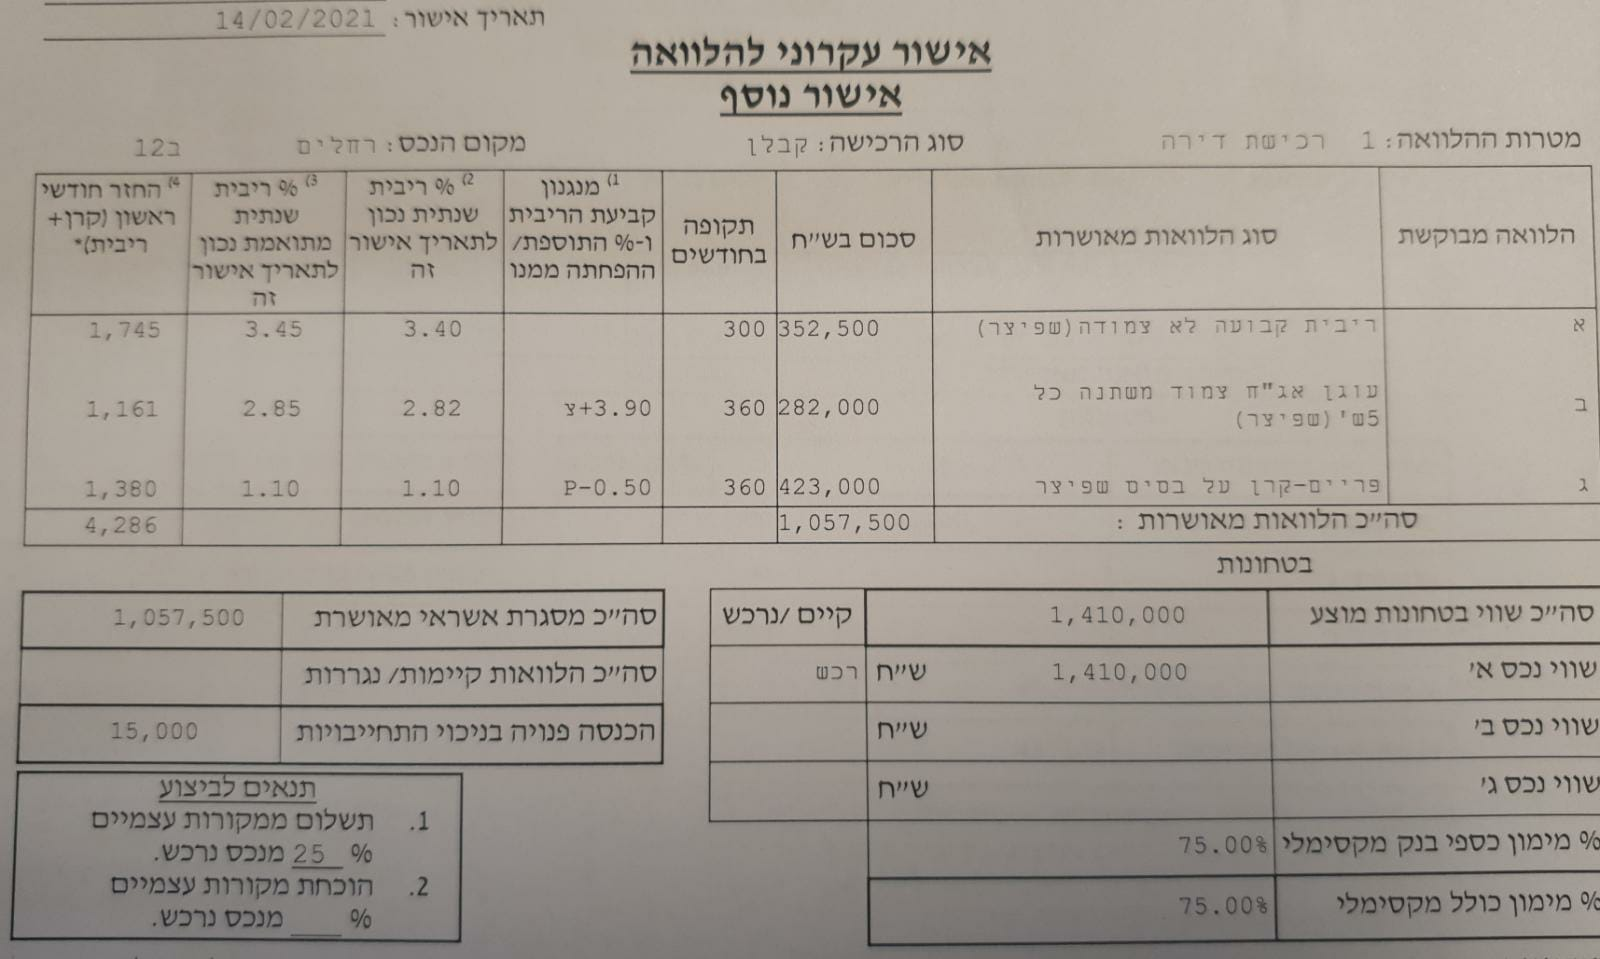 תמהילים אחרונים - בנק לאומי לישראל